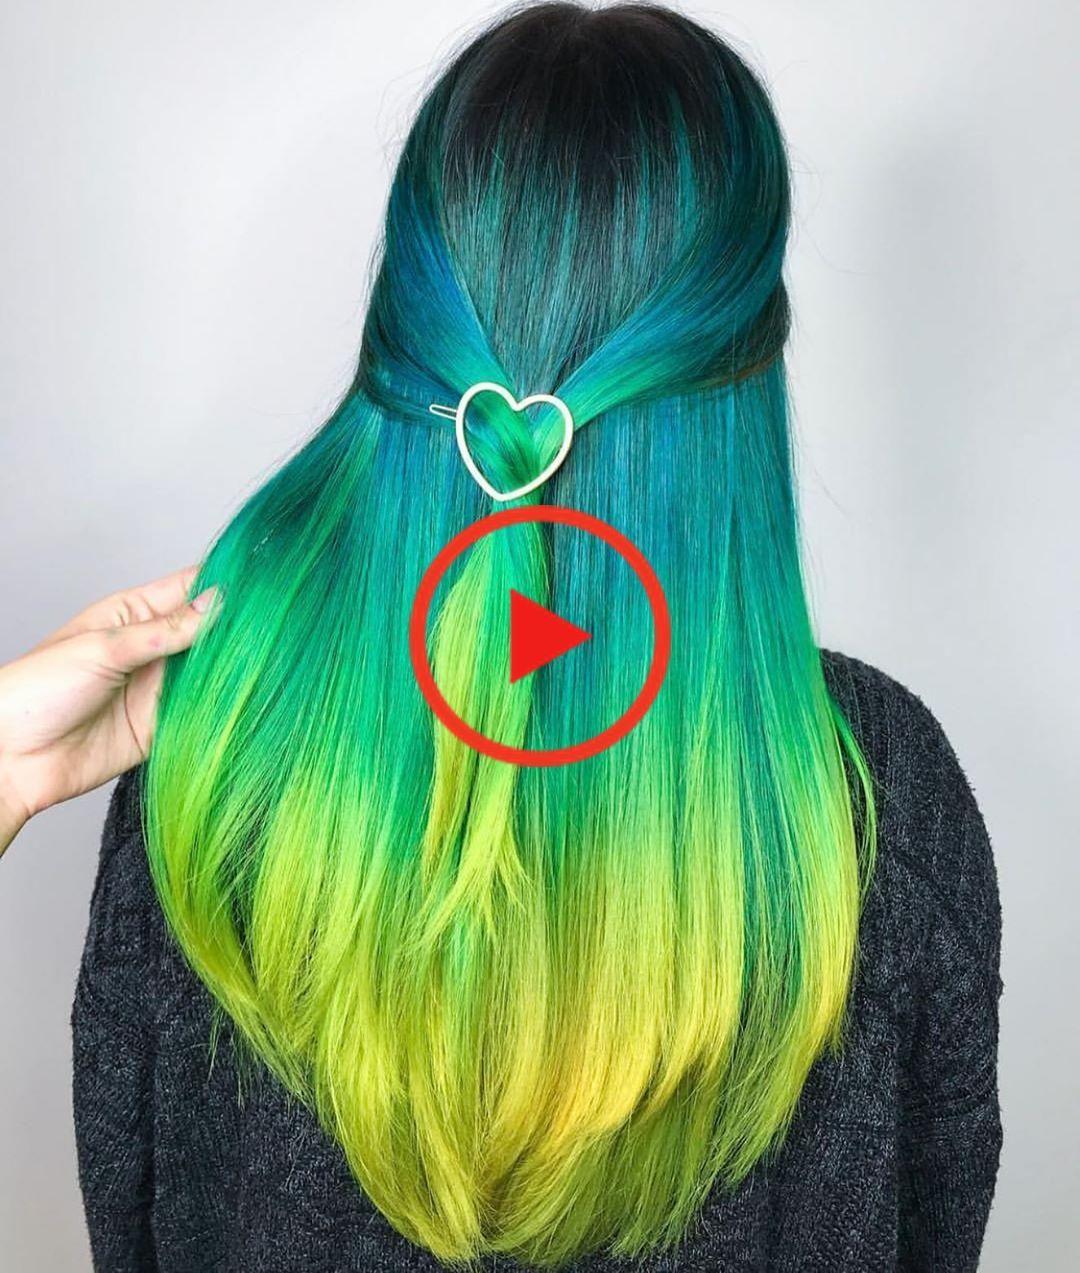 hair up do peinados hair hair hacks cute hair style up do braids hair best curly hair hair women